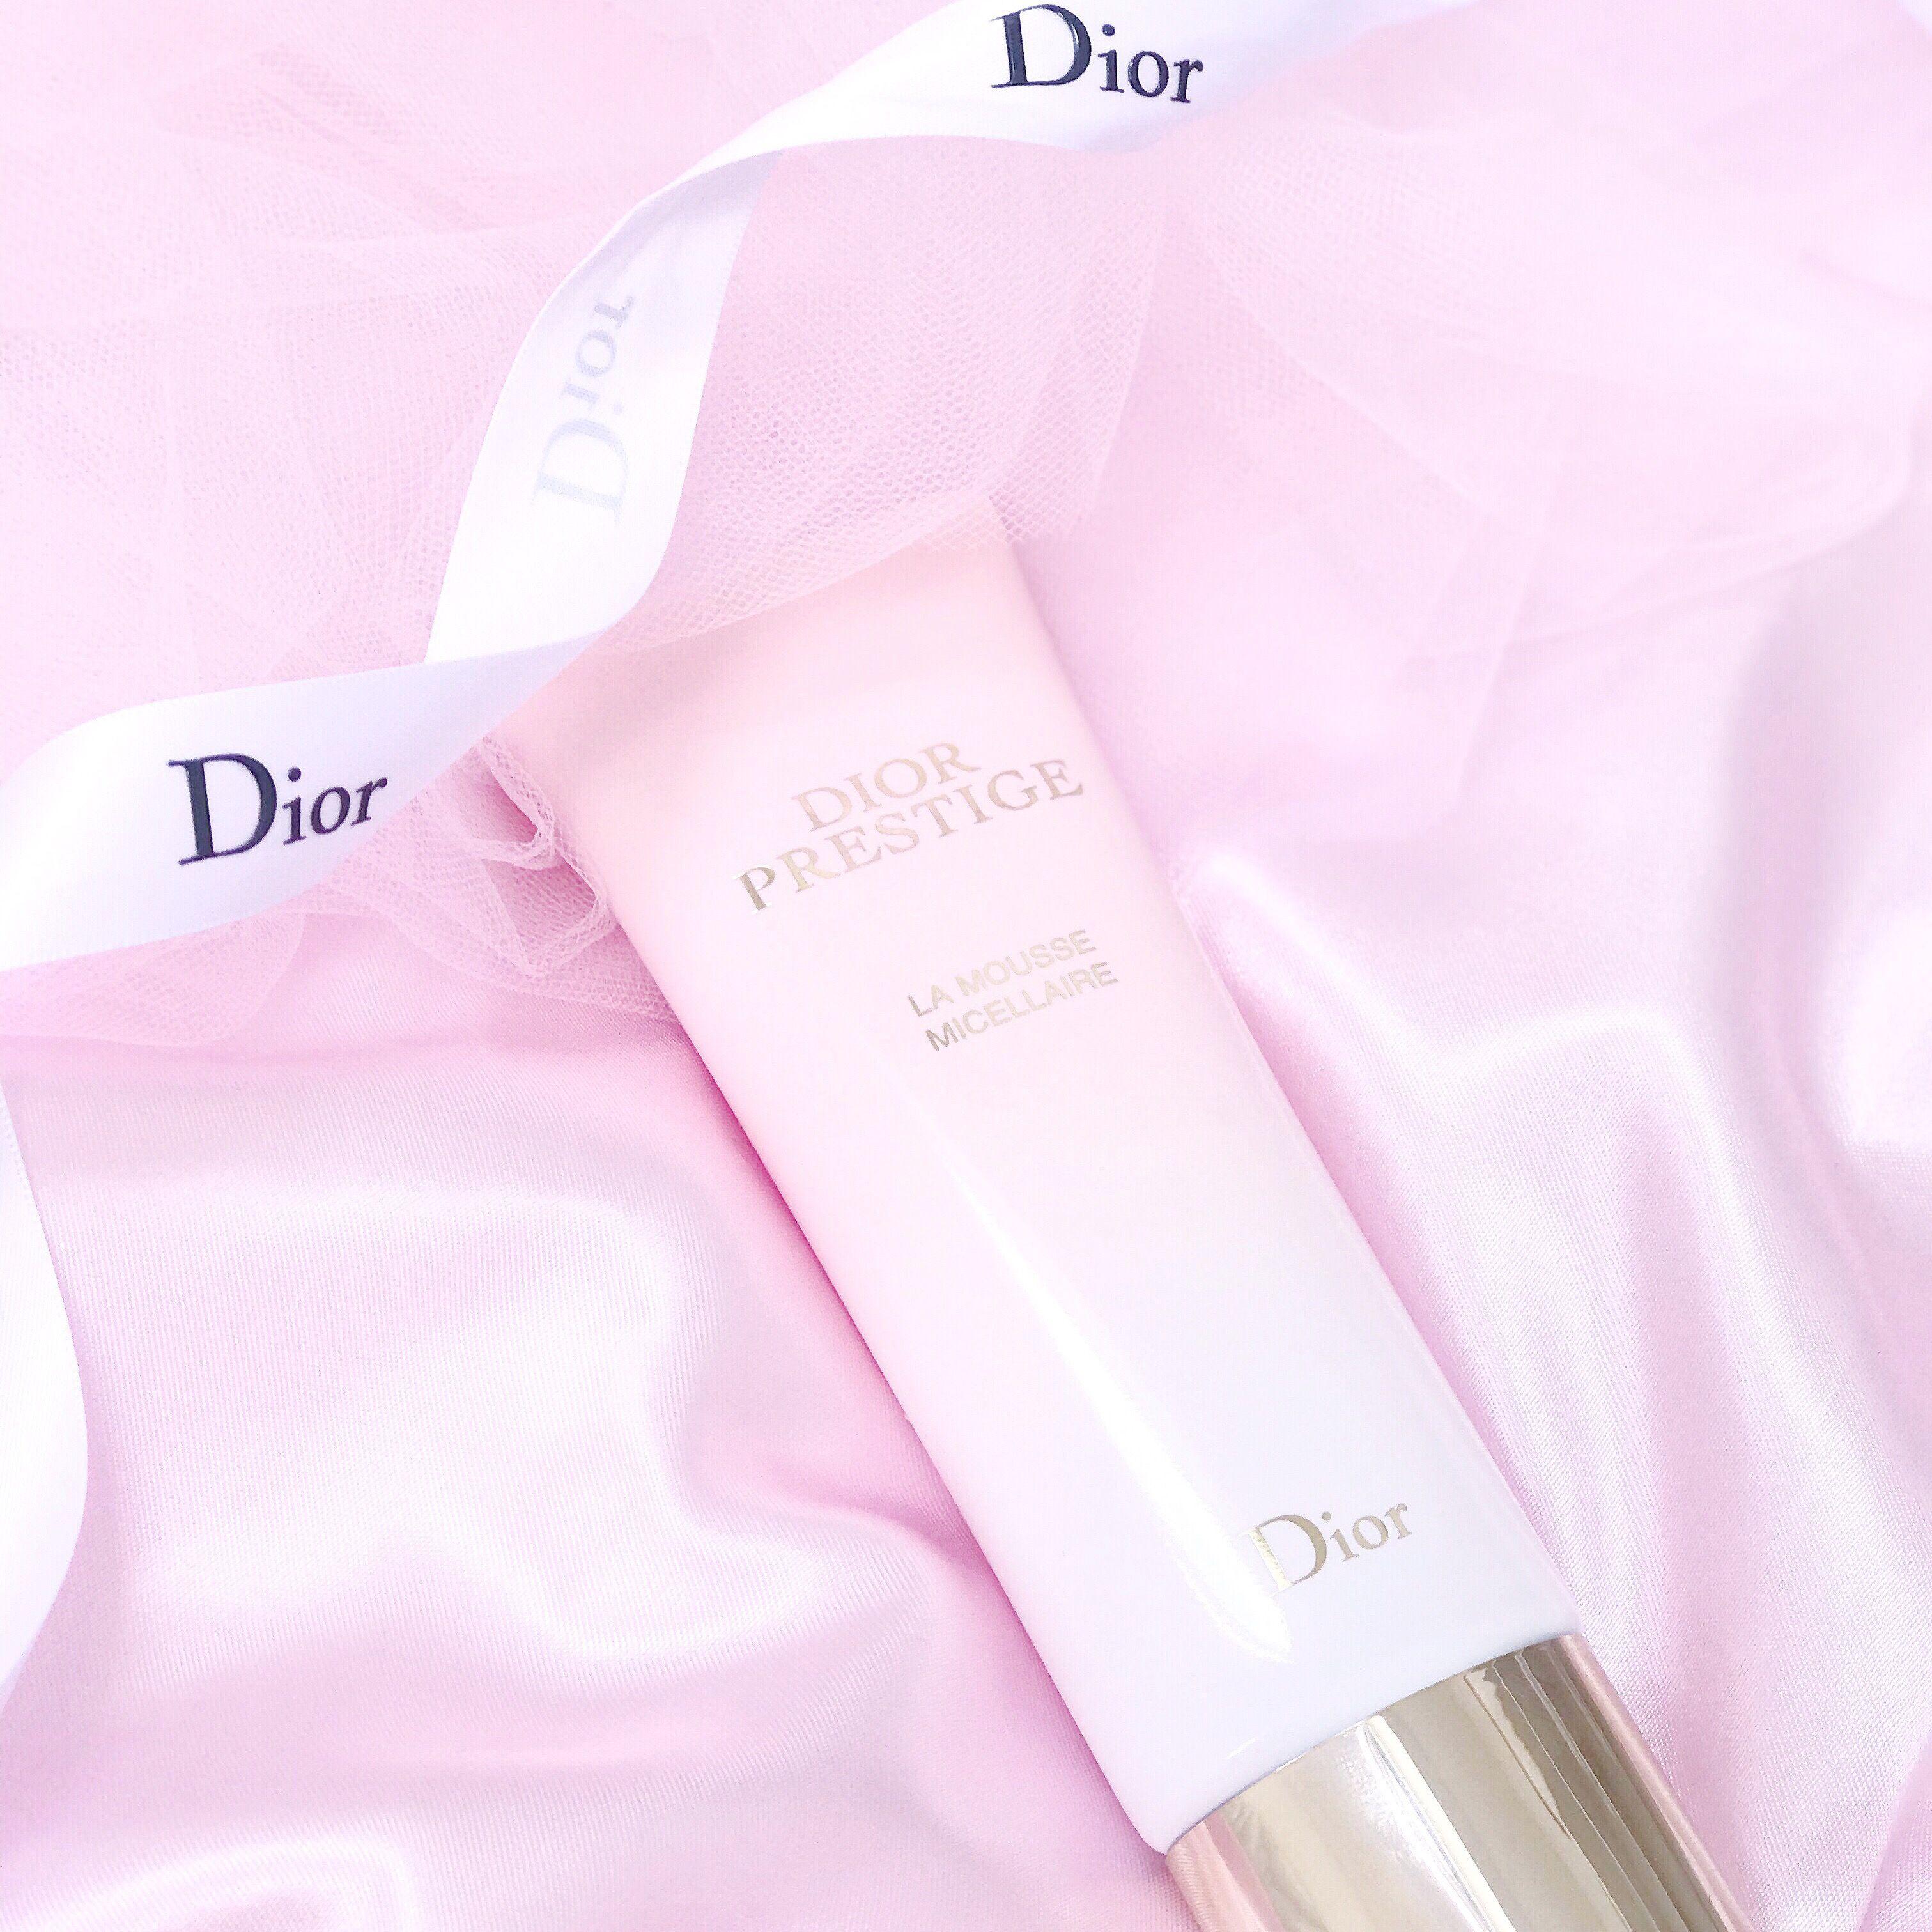 Oh So Heavenly Rose Petal Skin New Dior Prestige La Mousse Micellaire Dior Cosmetics Dior Skin